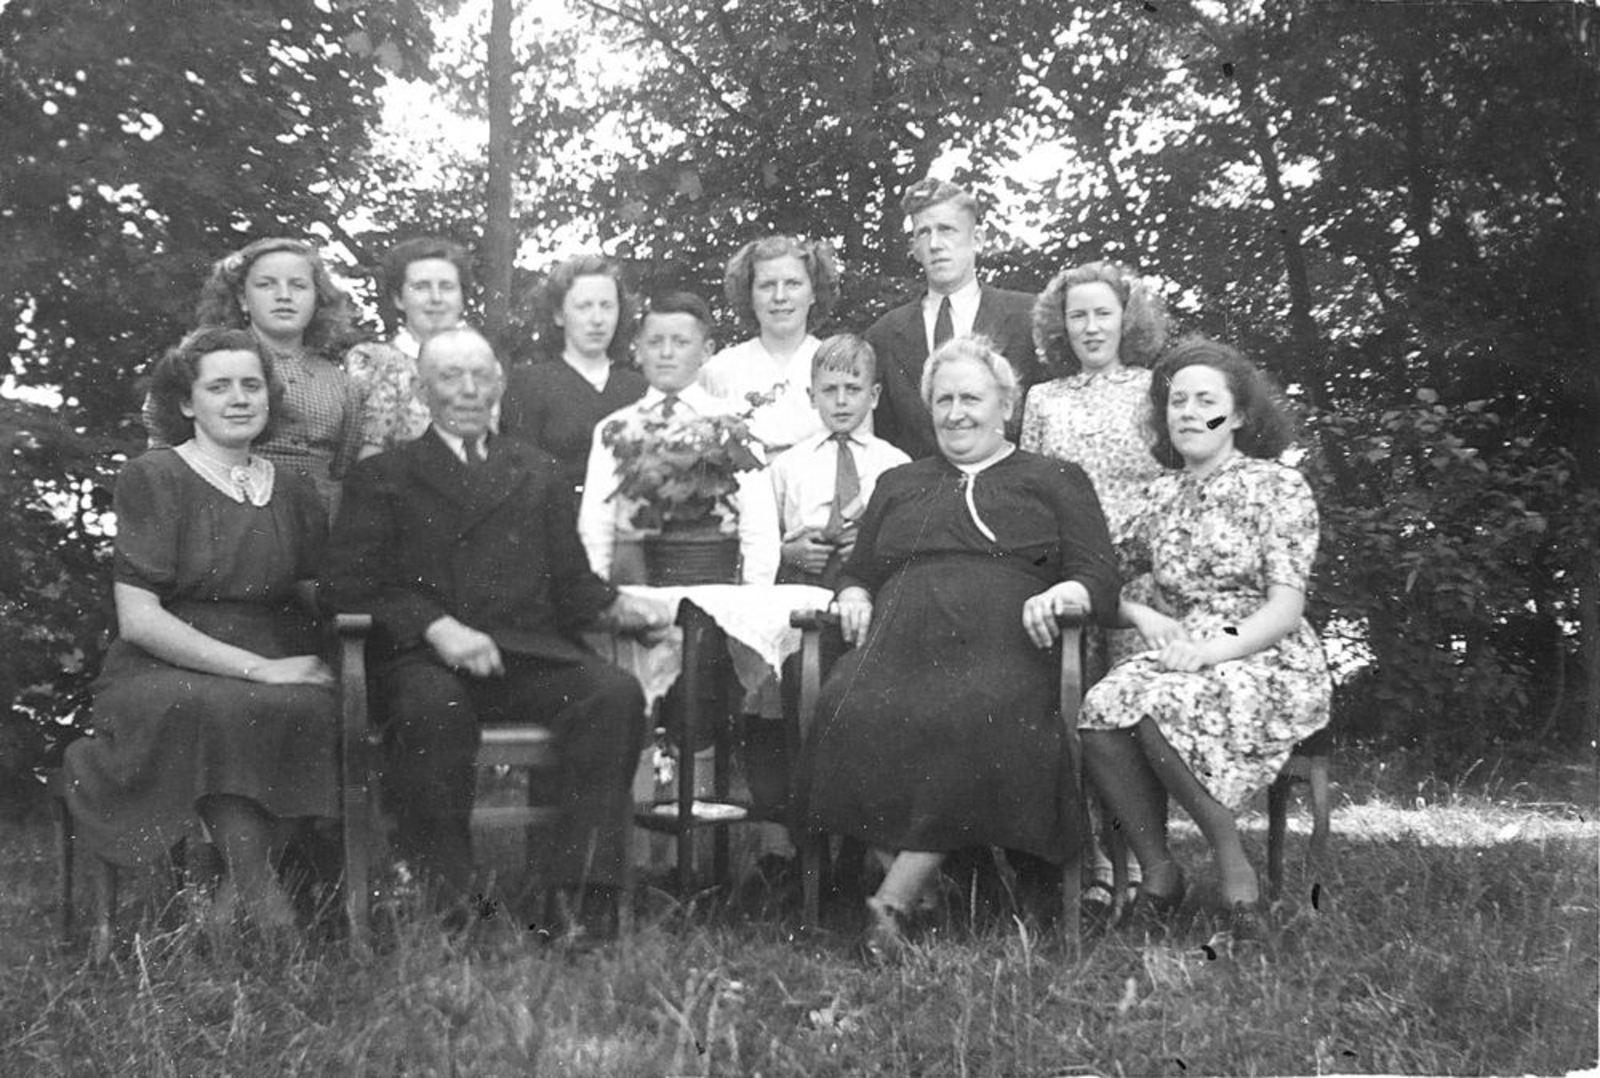 Calvelage Bernard 1885 1949± Gezinsfoto 02 Compleet